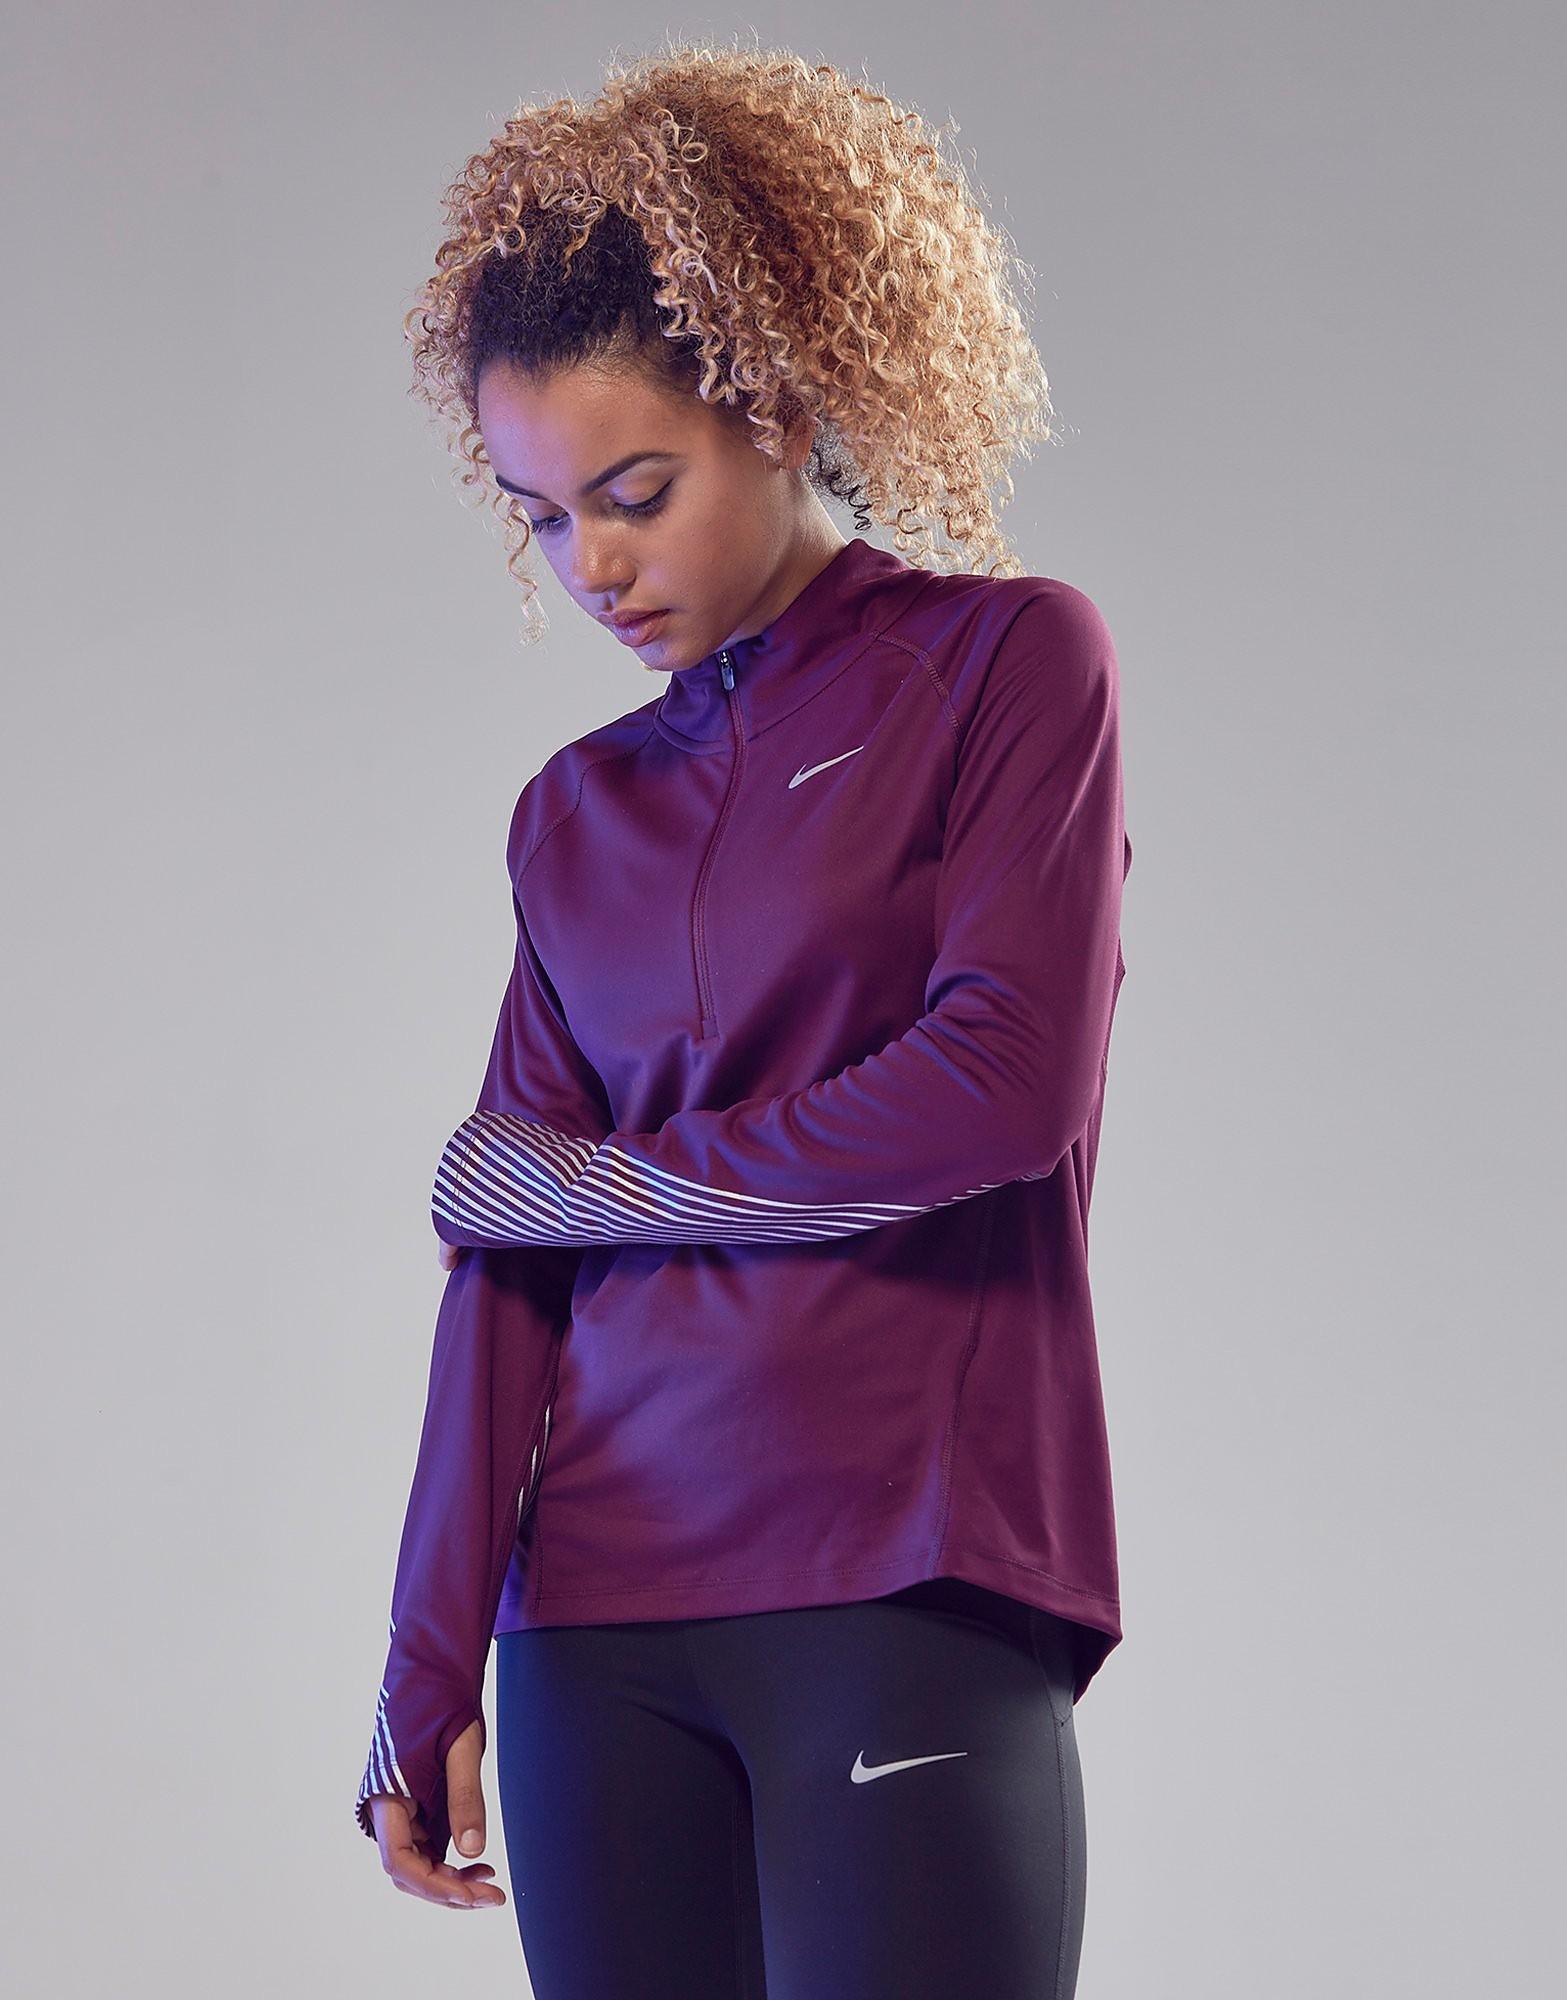 Nike Flash Half Zip Running Top